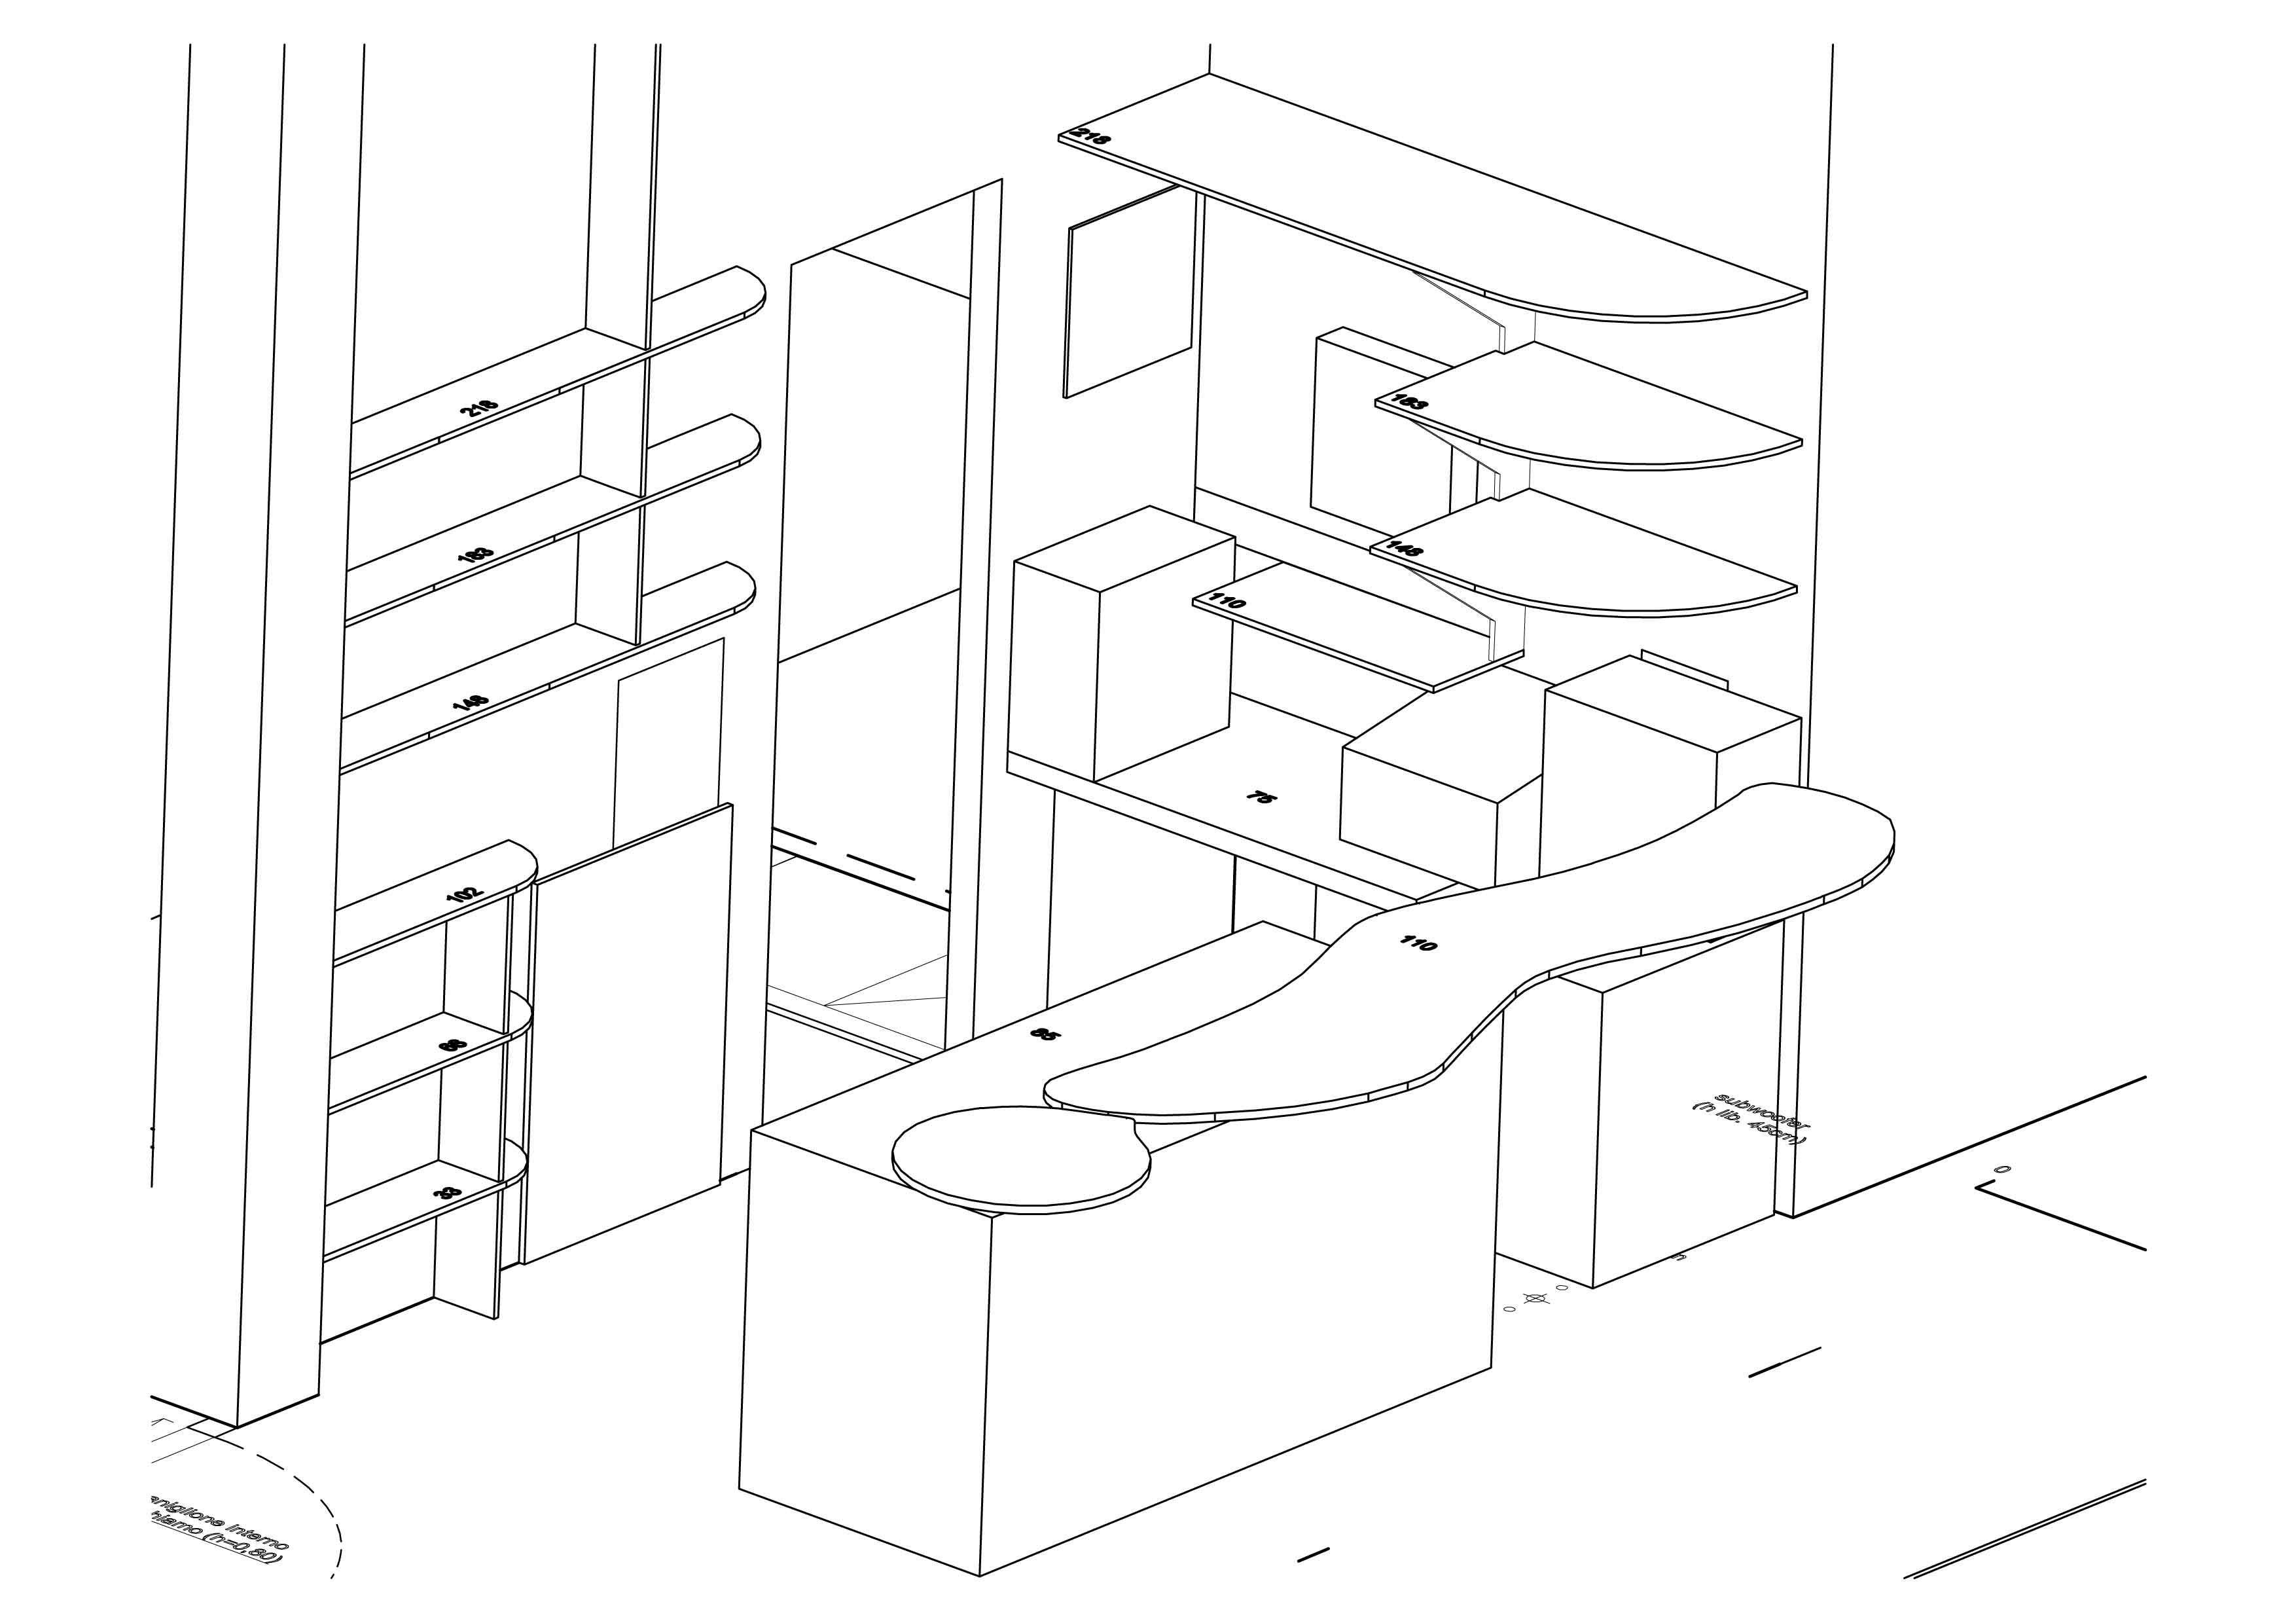 Favoloso Baobar - Giuggiolini Luca Architettura VZ22